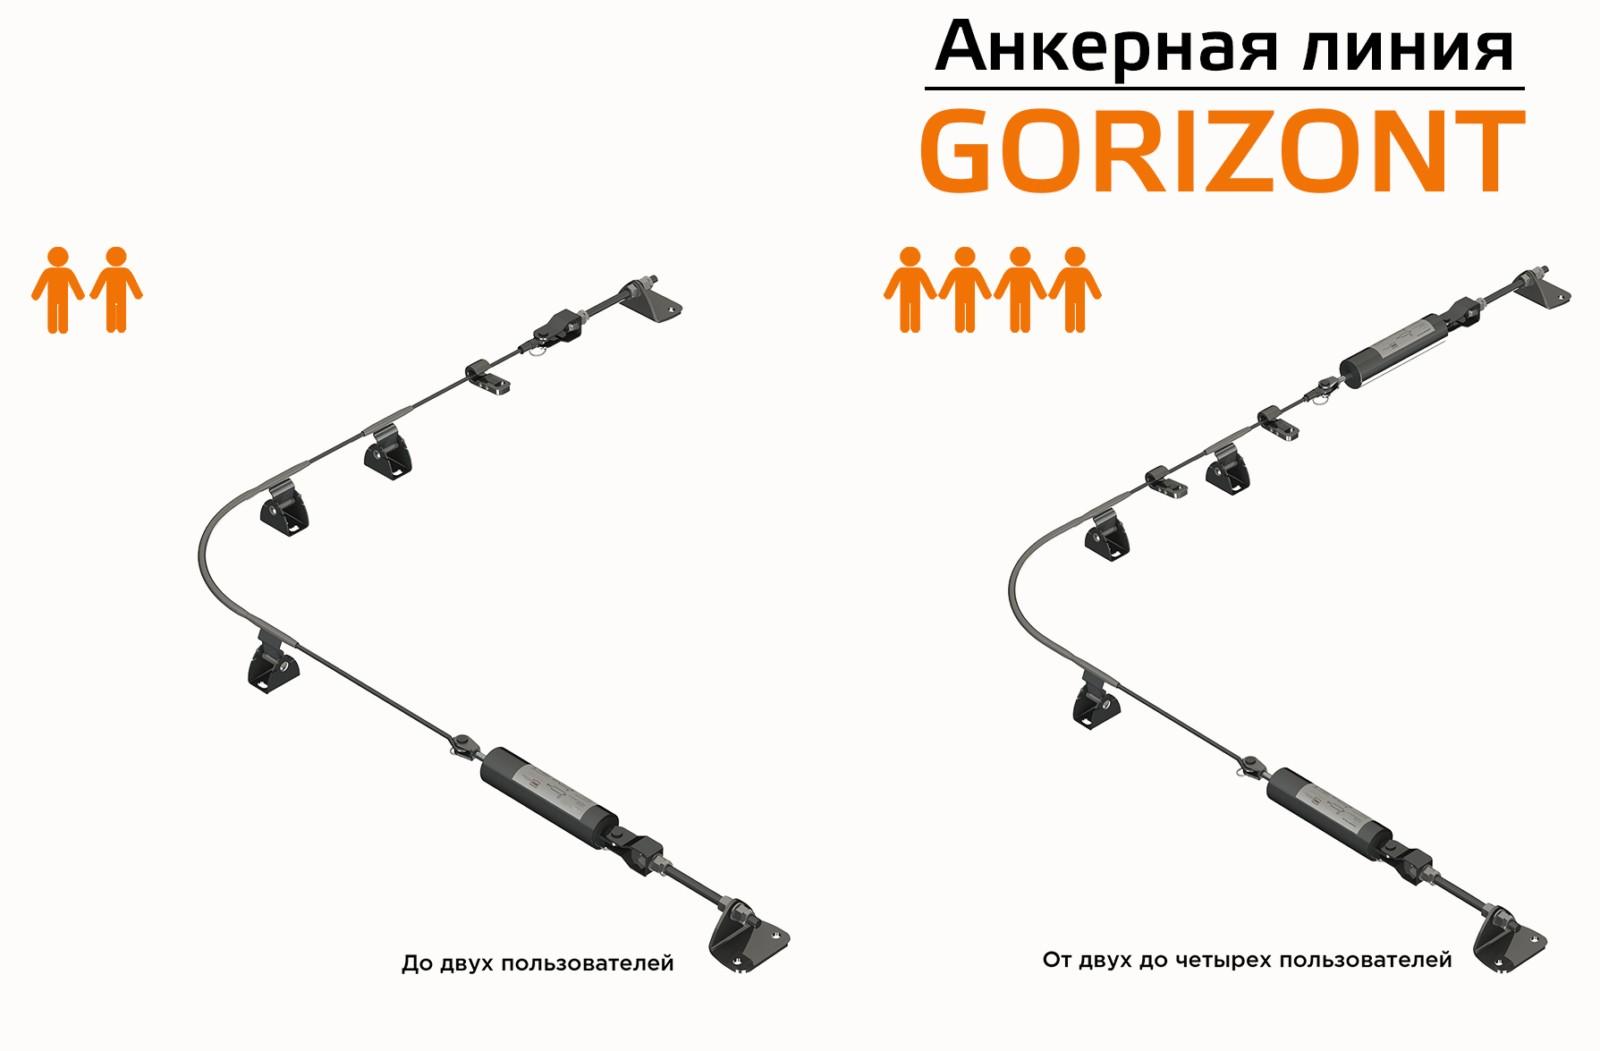 ГТ Горизонтальная гибкая анкерная линия GORIZONT   High Safety   Высота СЗ